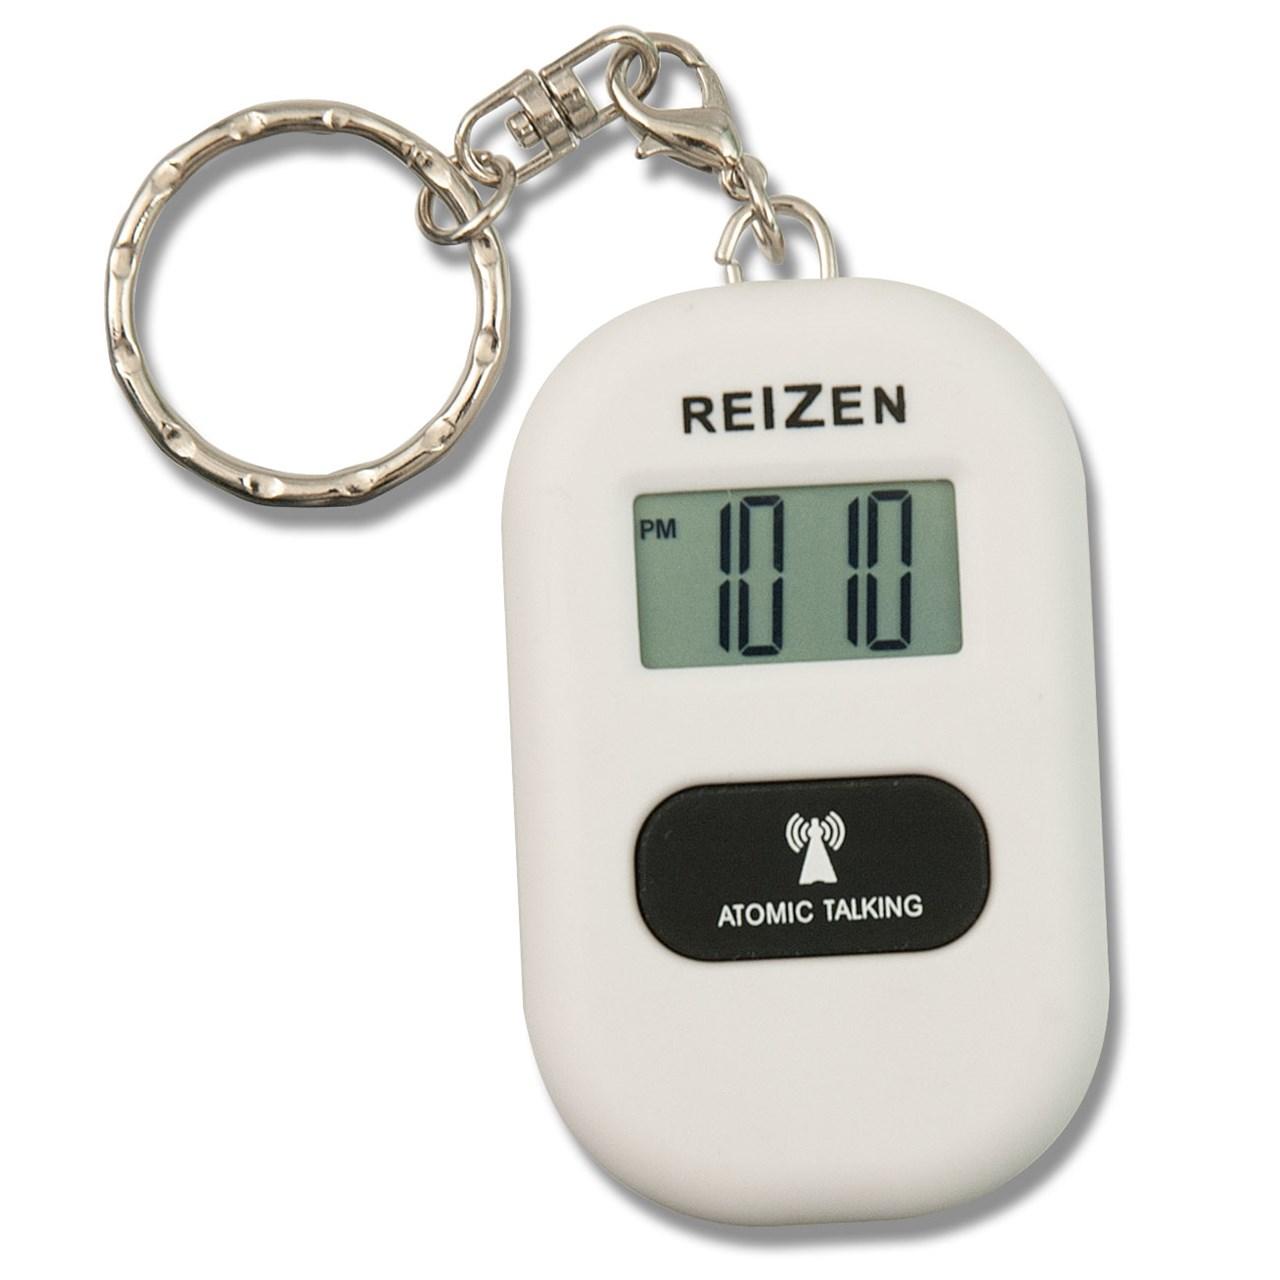 Reizen Talking Atomic Watch Keychain- White